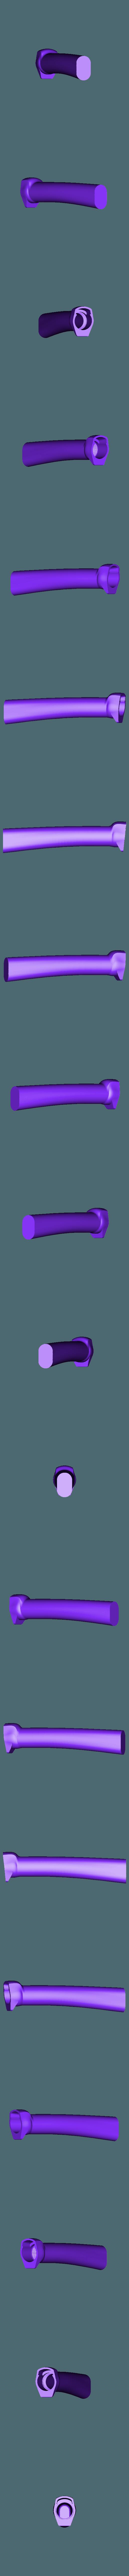 Synergy_Fishing_Handle_v1-1.STL Télécharger fichier STL gratuit Poteaux de pêche • Objet pour impression 3D, WalterHsiao